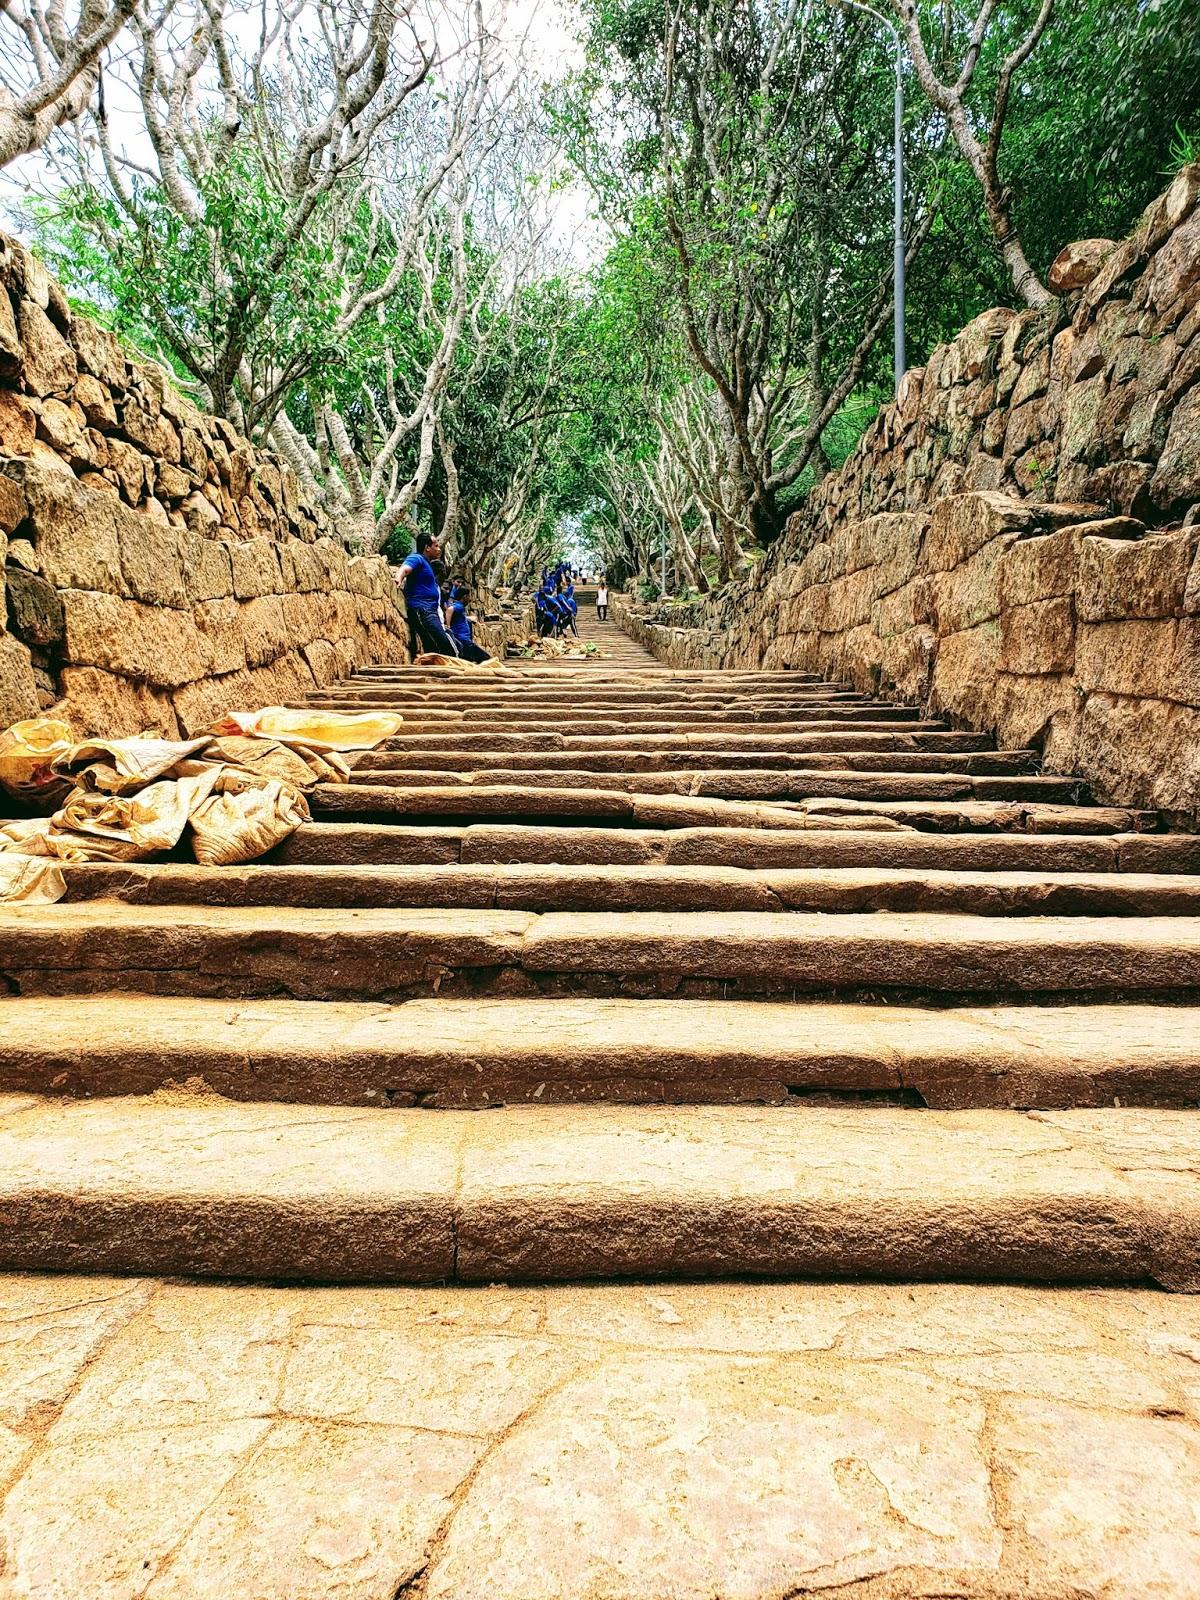 मिहीनताले मंदिर की तरफ जाती हुईं सीढ़ियां